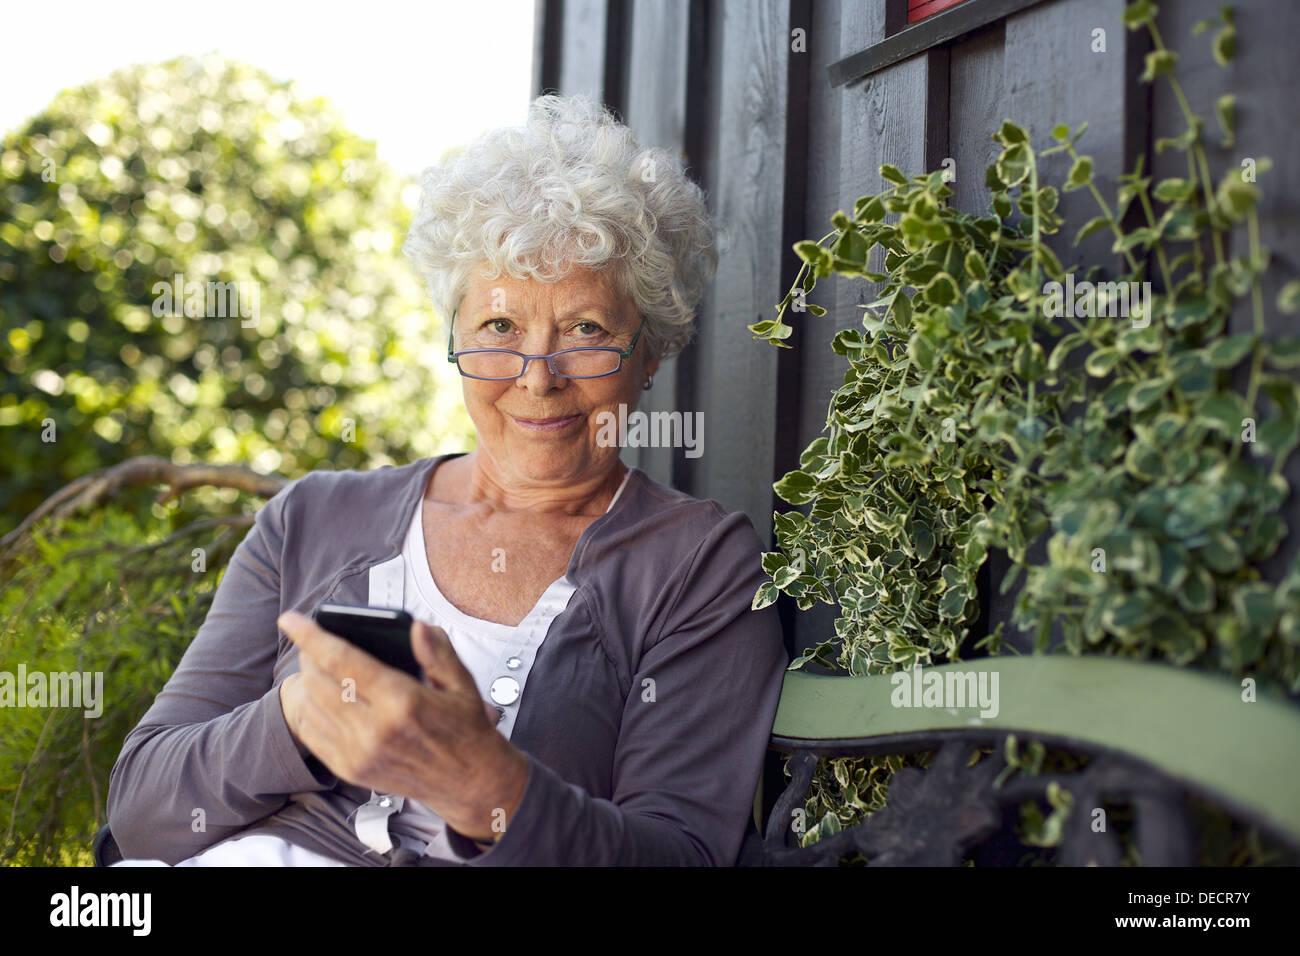 Senior donna utilizzando un telefono cellulare mentre è seduto su un banco di lavoro nel suo giardino nel cortile Immagini Stock